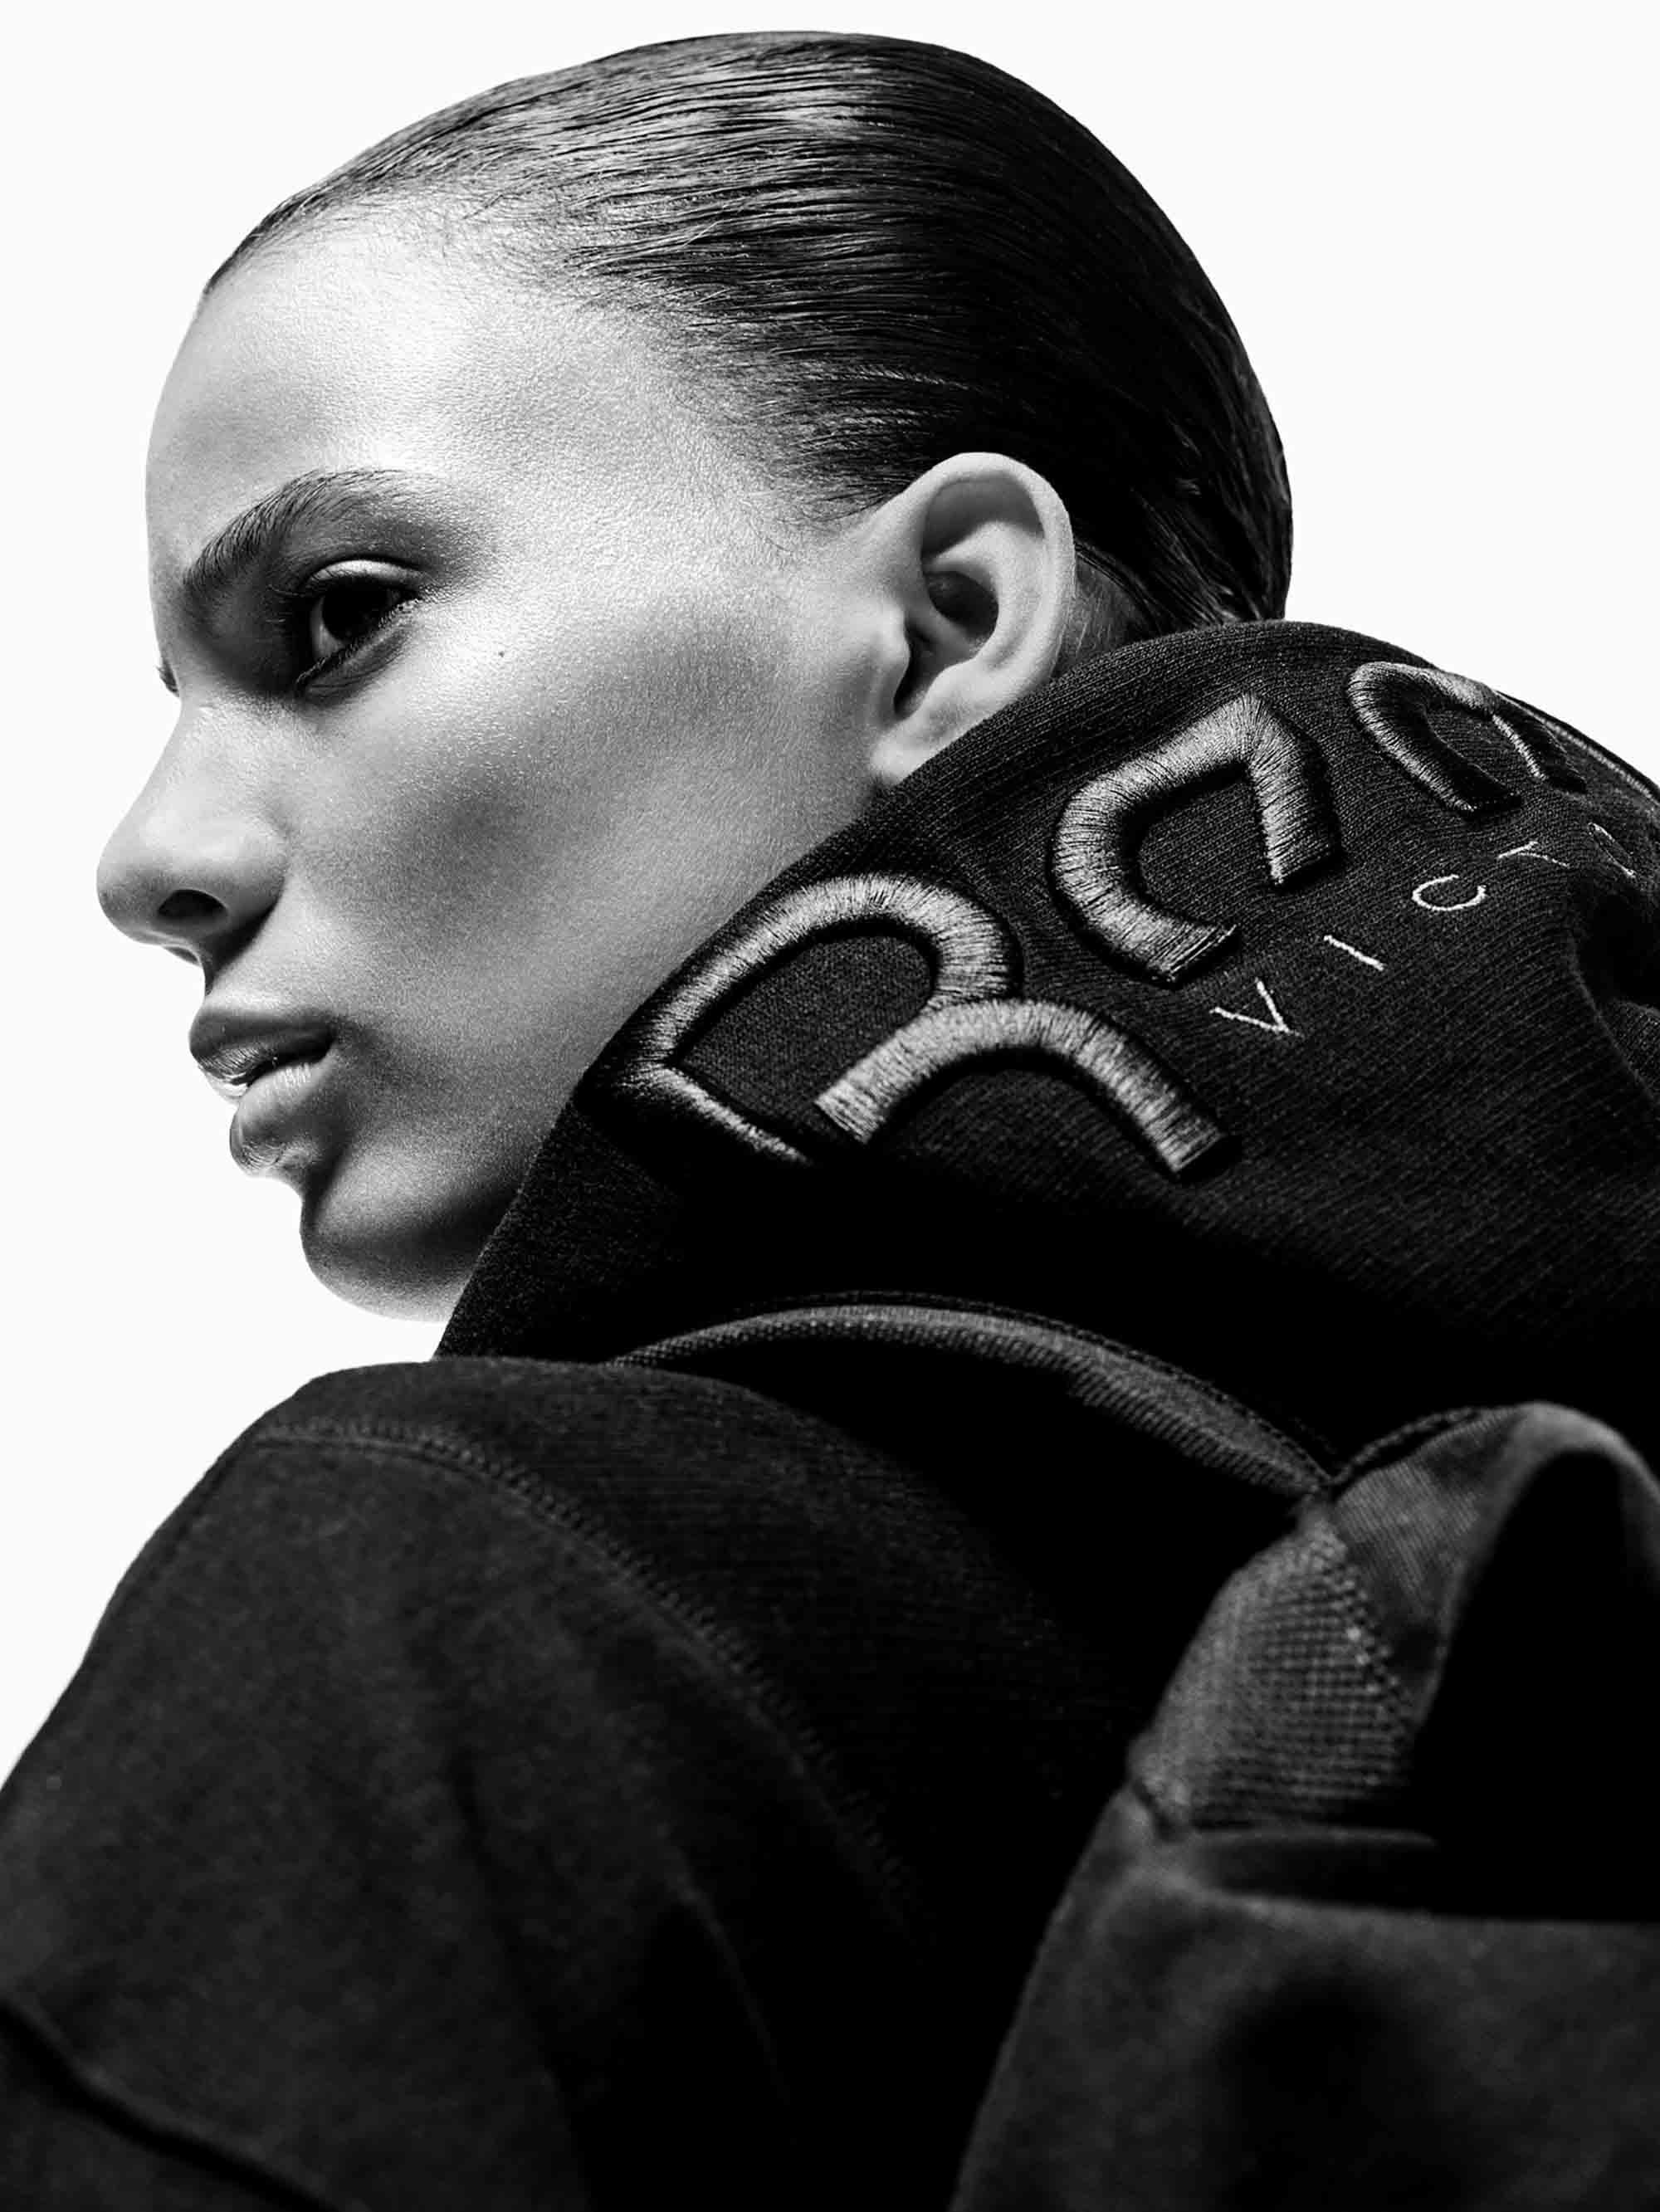 ויקטוריה בקהאם ו REEBOK - מגזין אופנה - Fashion Israel - כתבות אופנה